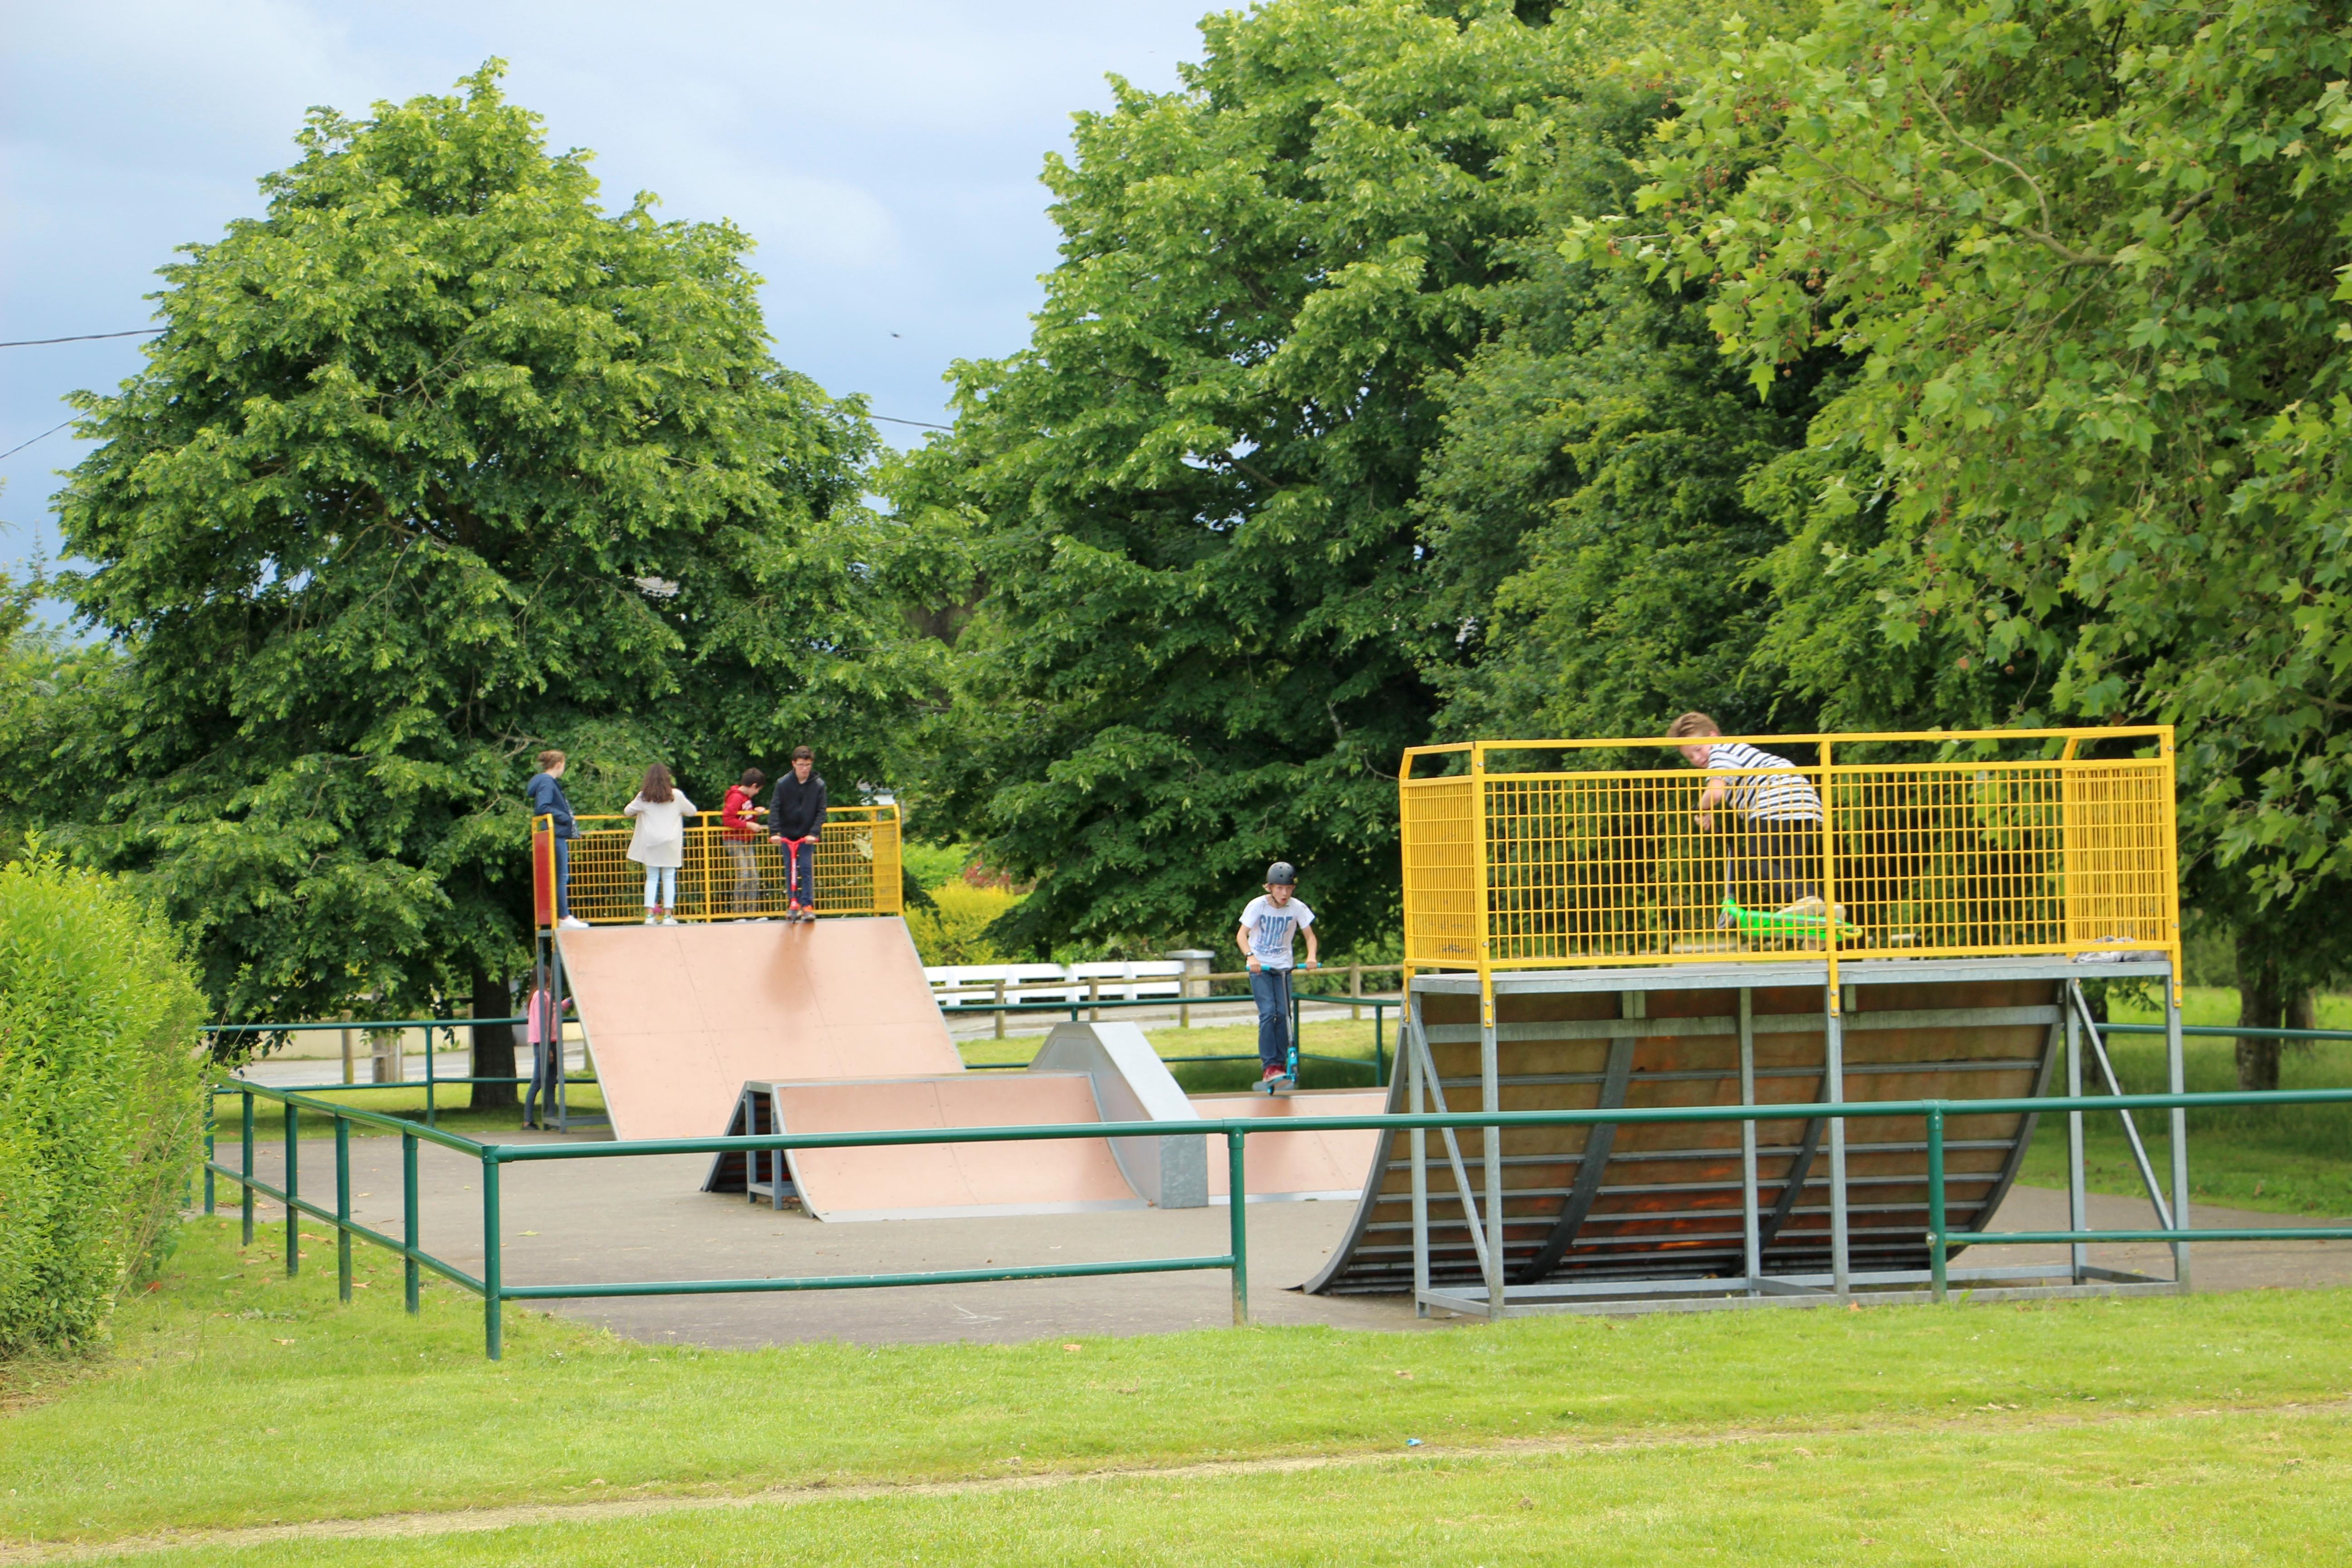 De la salle park 28 images phyllis rawlinson park de for Canape lake park